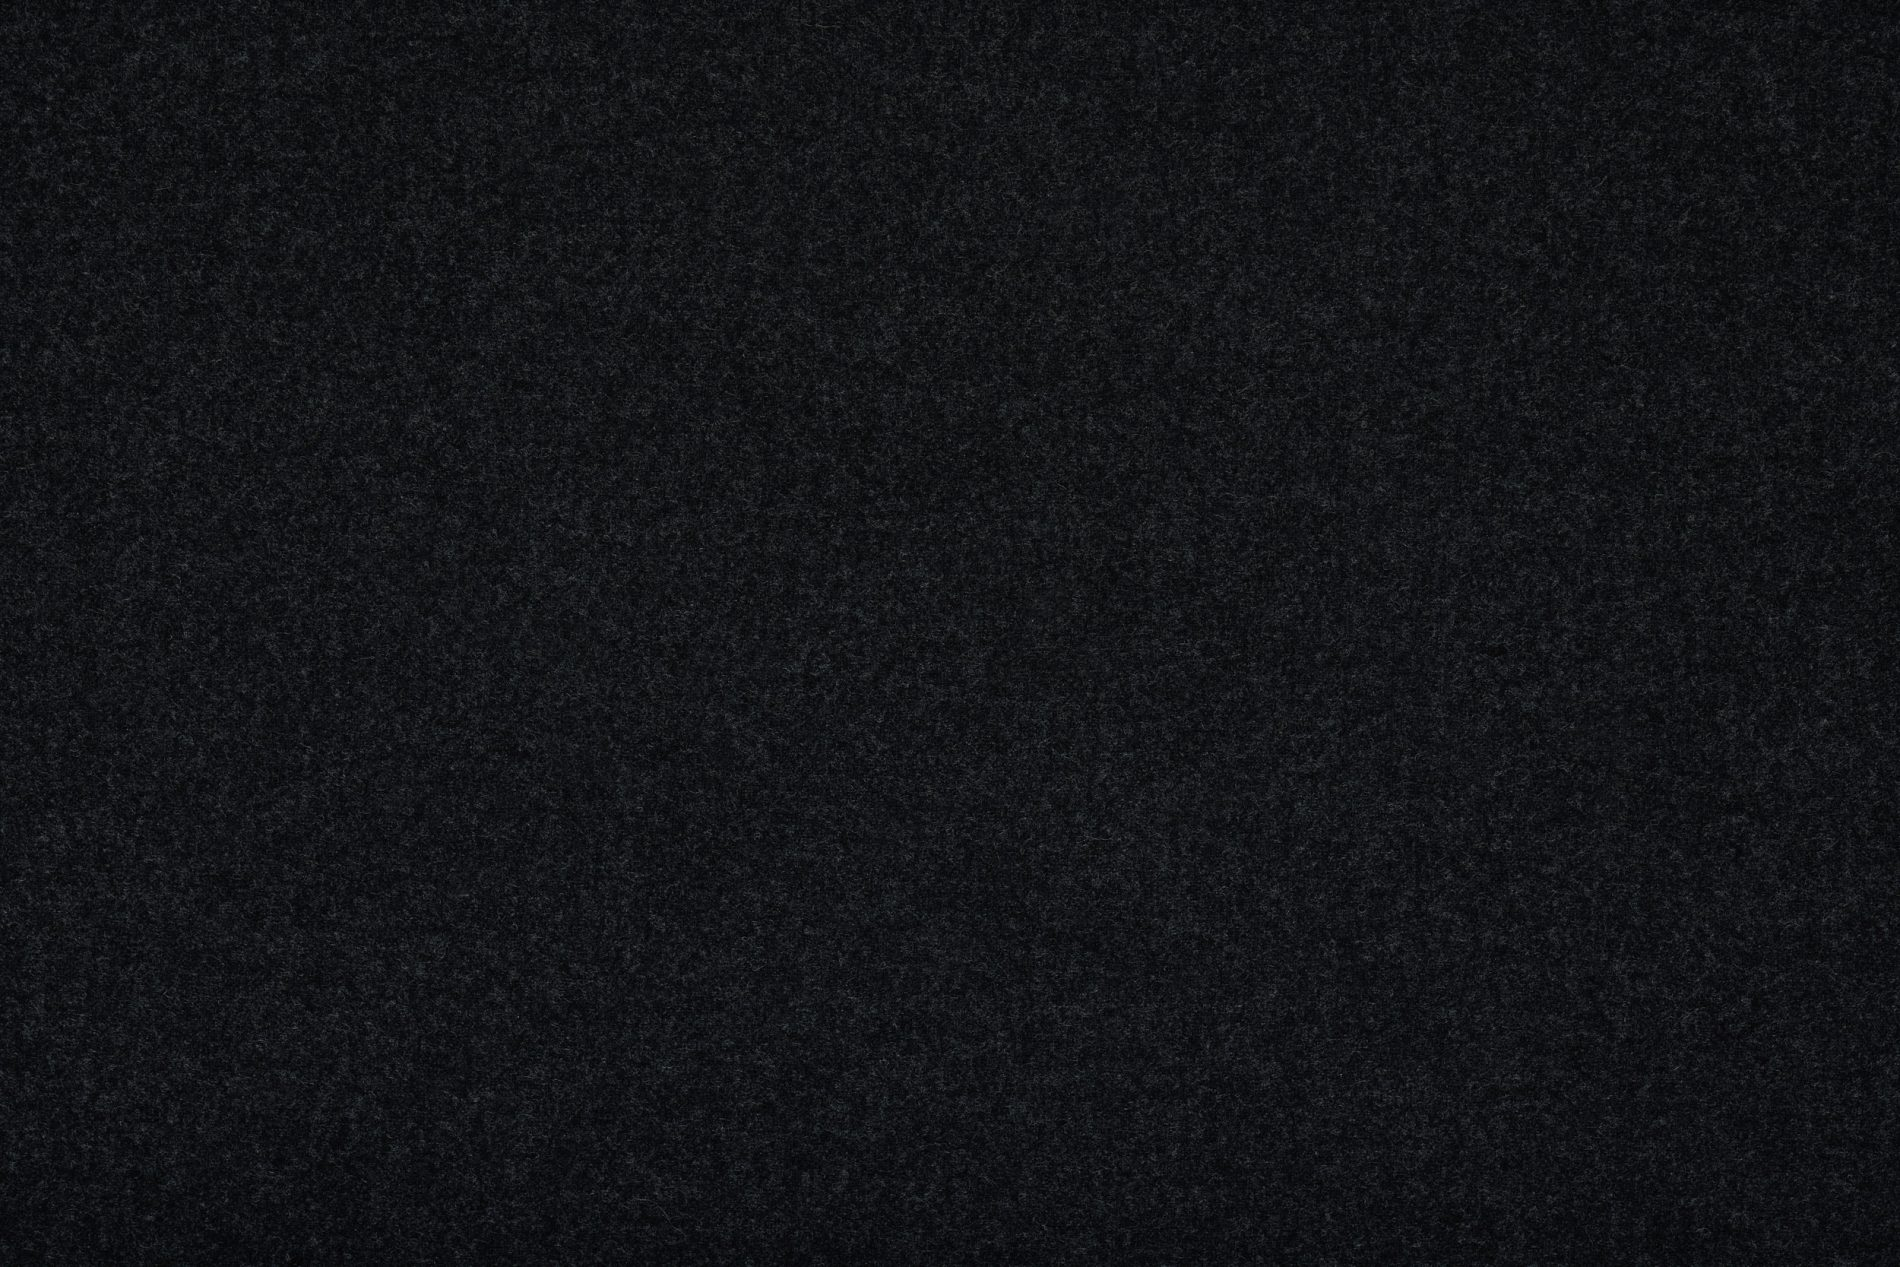 PURE 540 Plain Merino wool (16/8017)